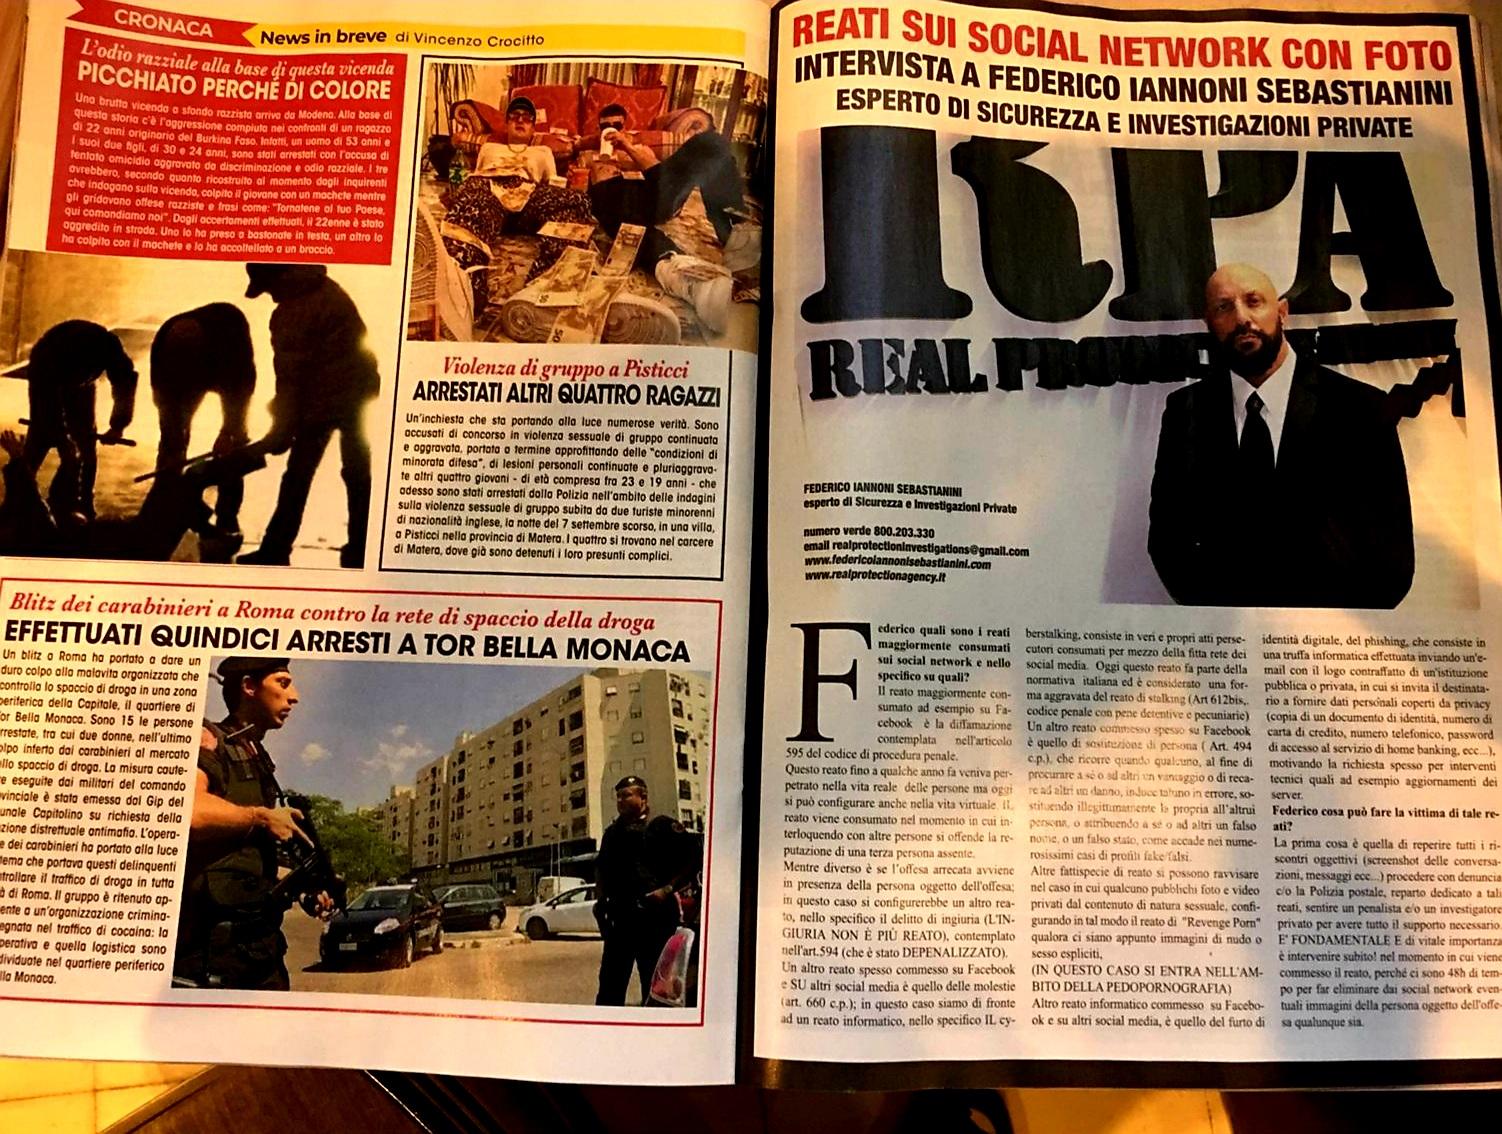 Intervista su settimanale ADESSO, tematica trattata Reati su Social Network (2)